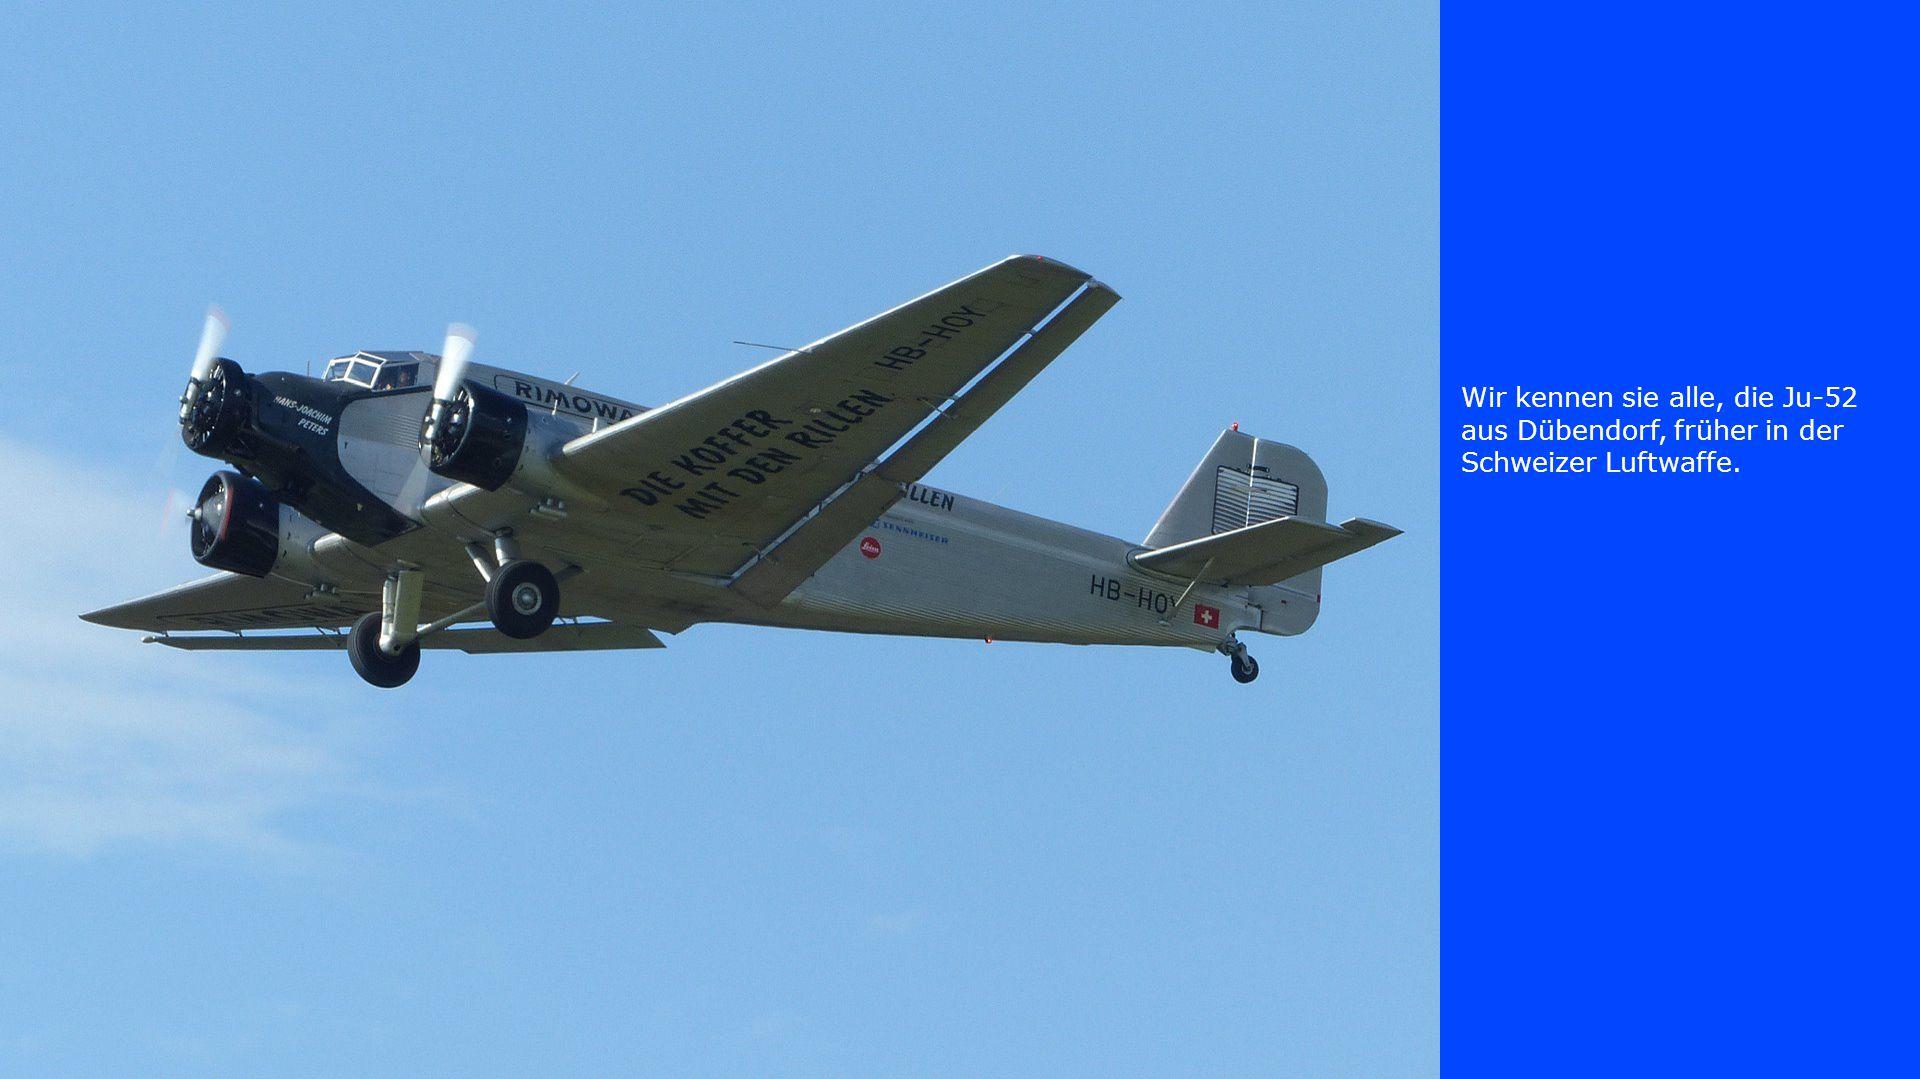 Wir kennen sie alle, die Ju-52 aus Dübendorf, früher in der Schweizer Luftwaffe.